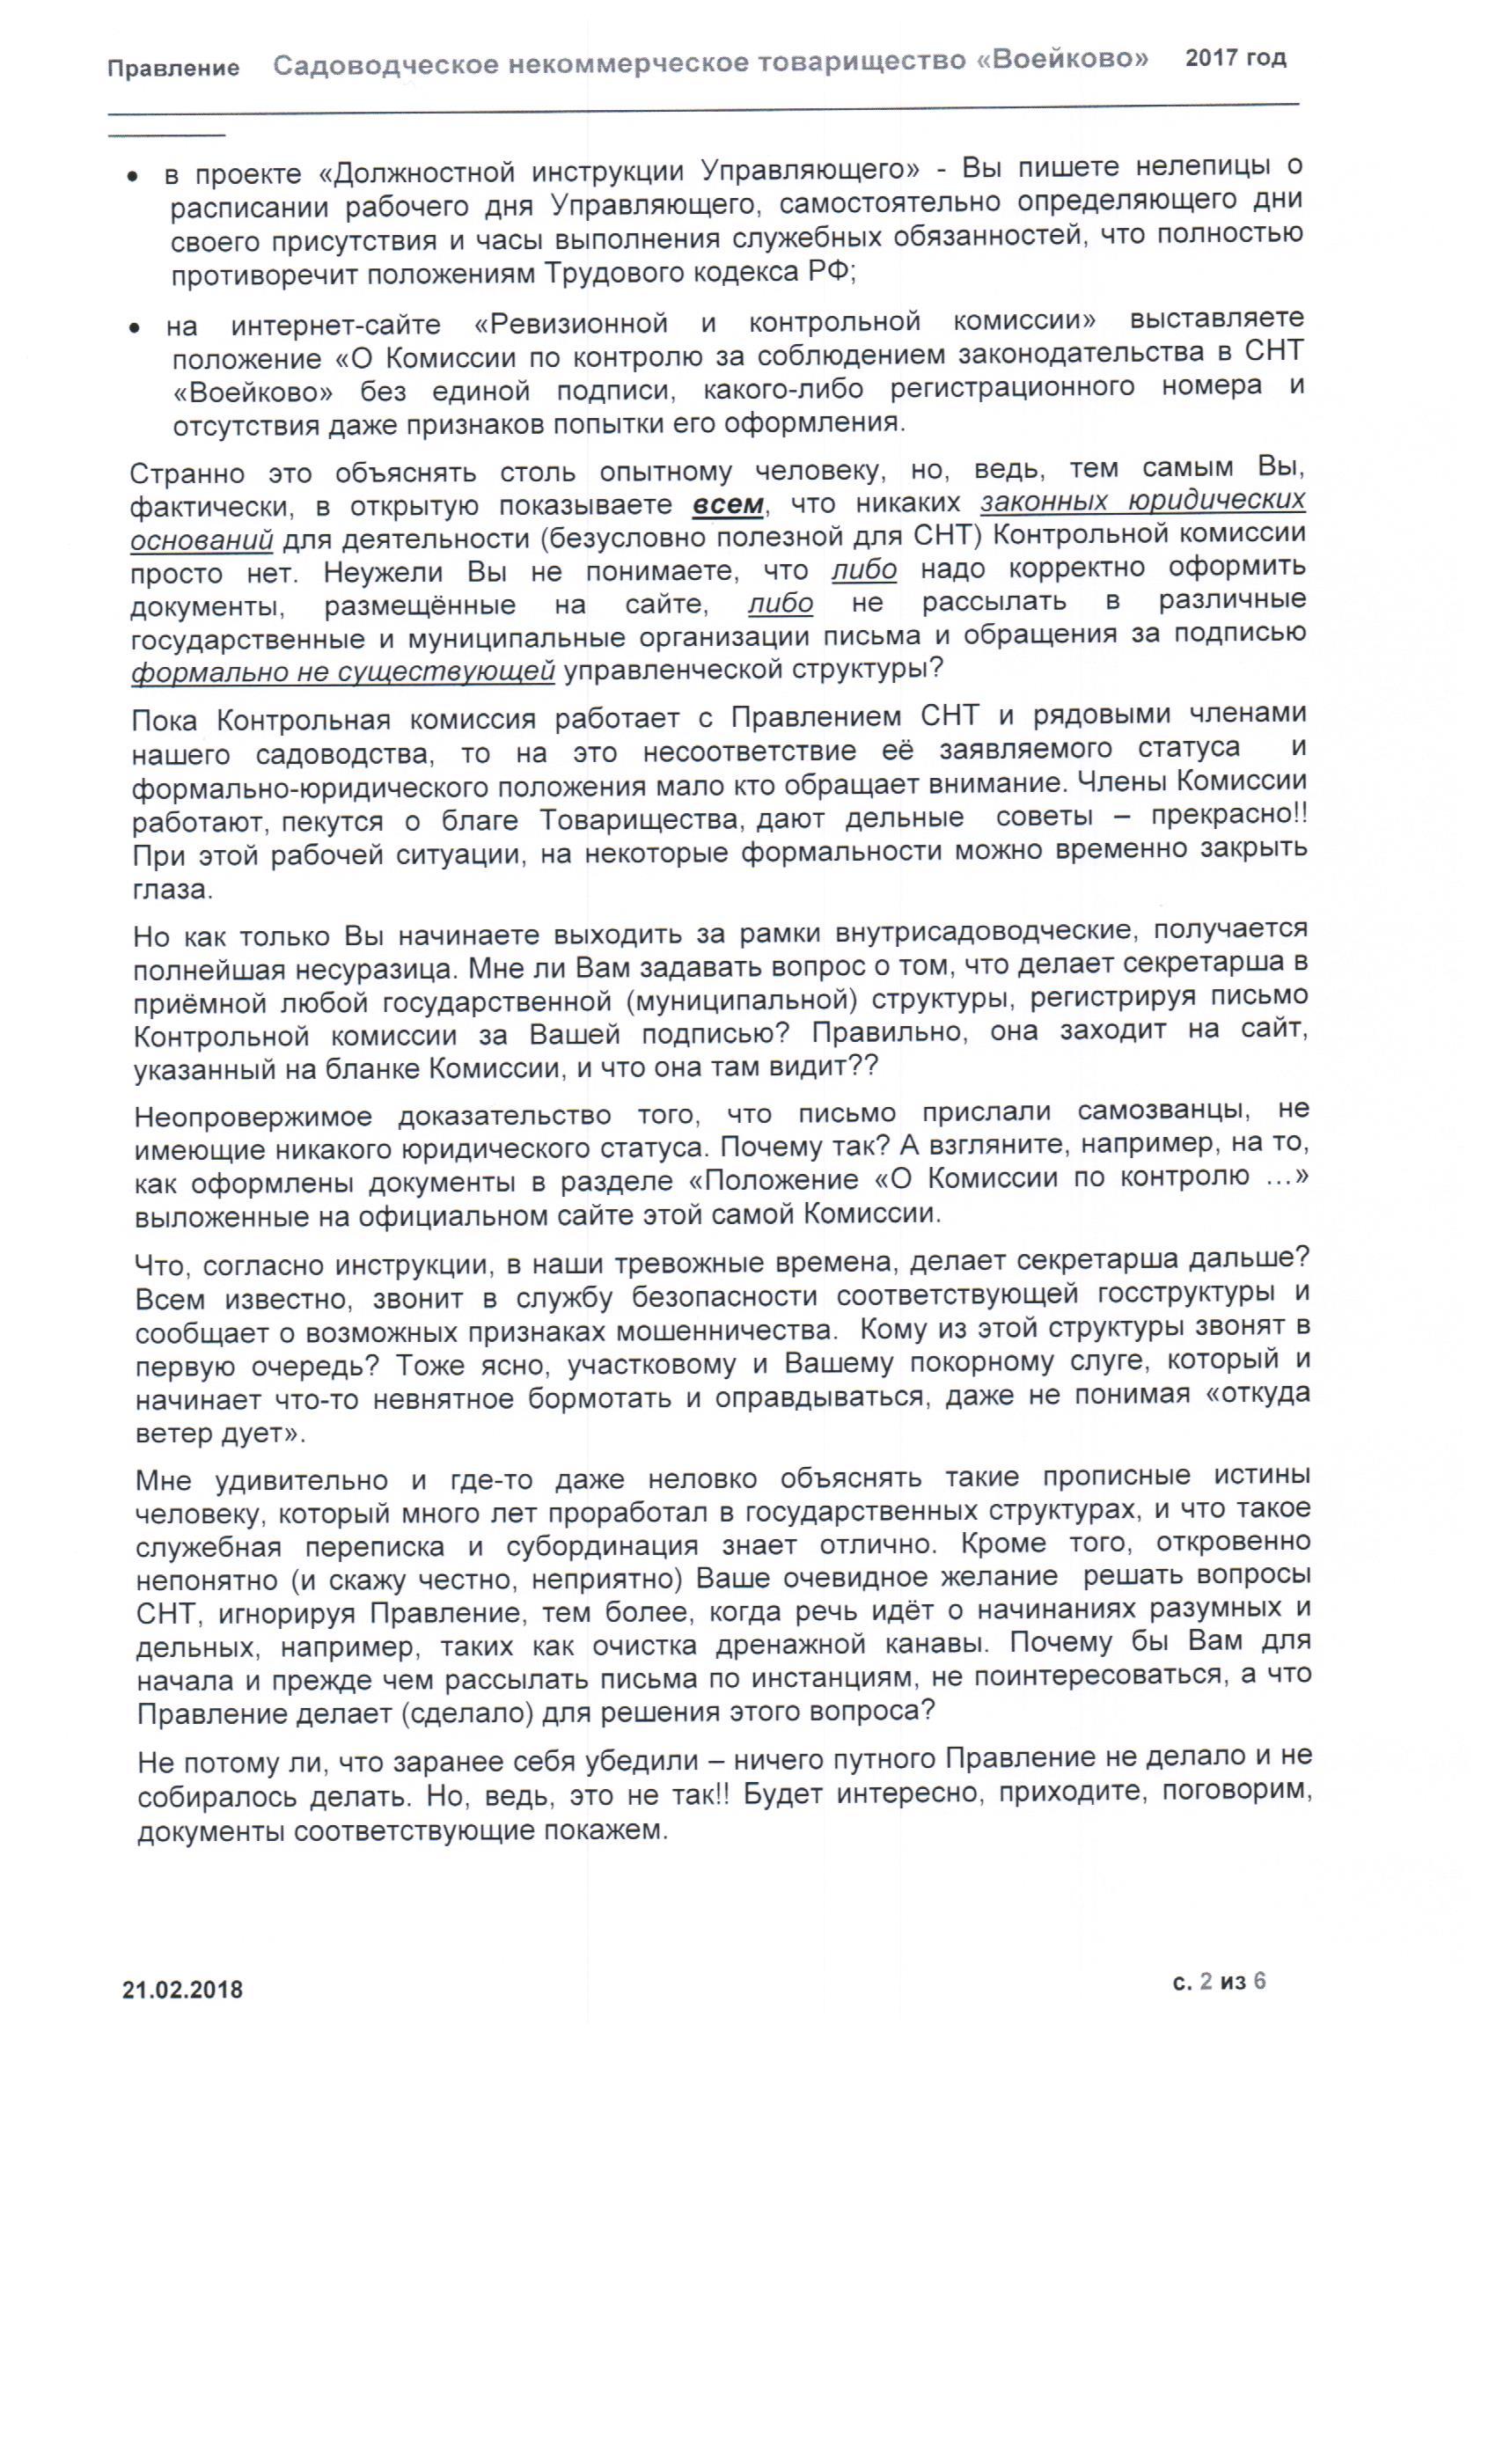 prava-i-obyazannosti-chlena-sadovodcheskogo-tovarishestva